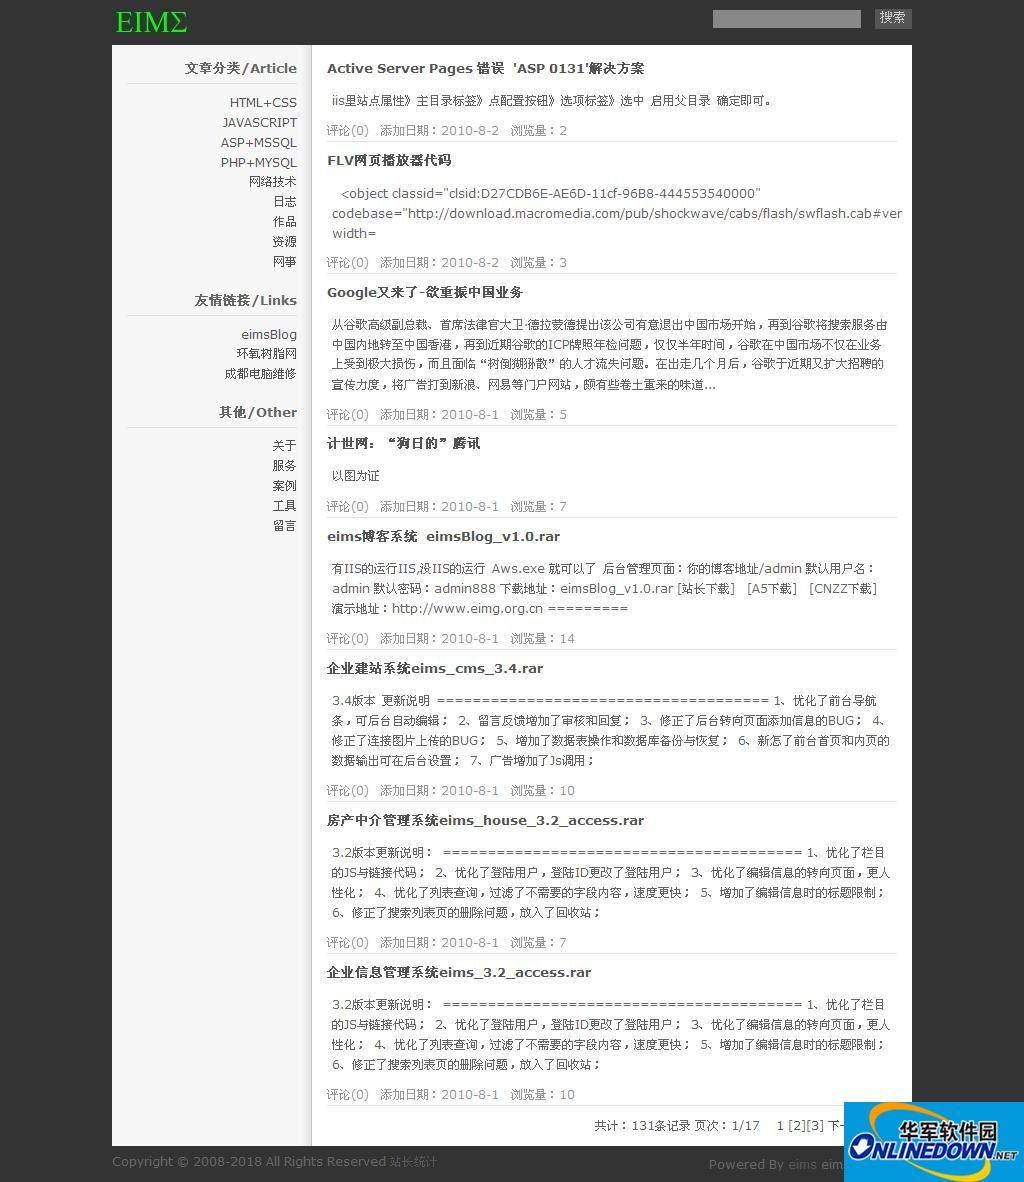 eims博客系统eimsBlog 2.5